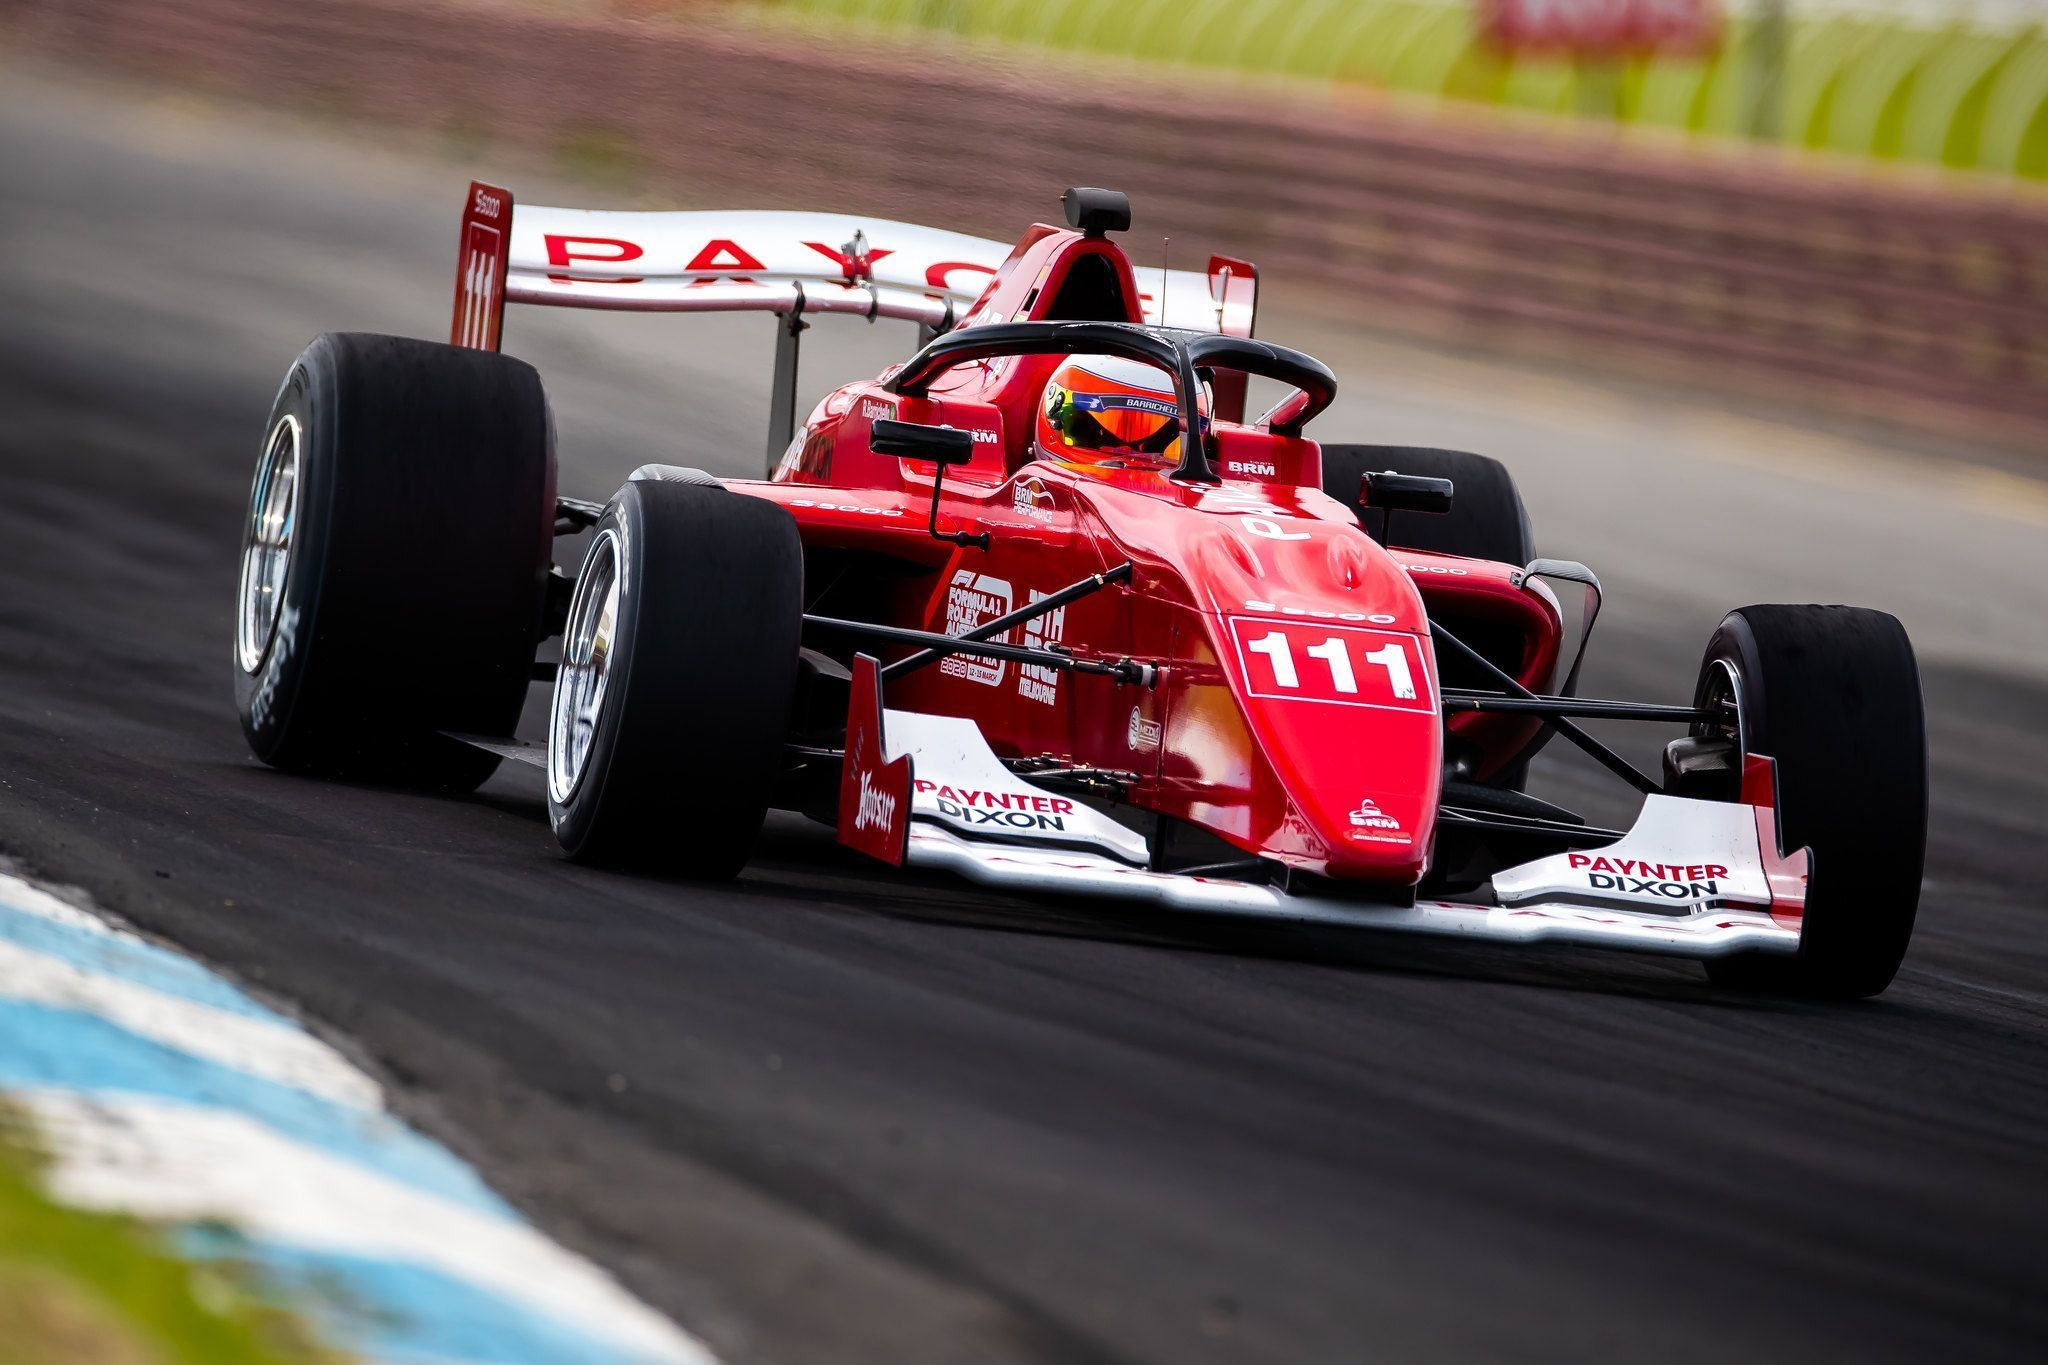 Rubens Barrichello, S5000